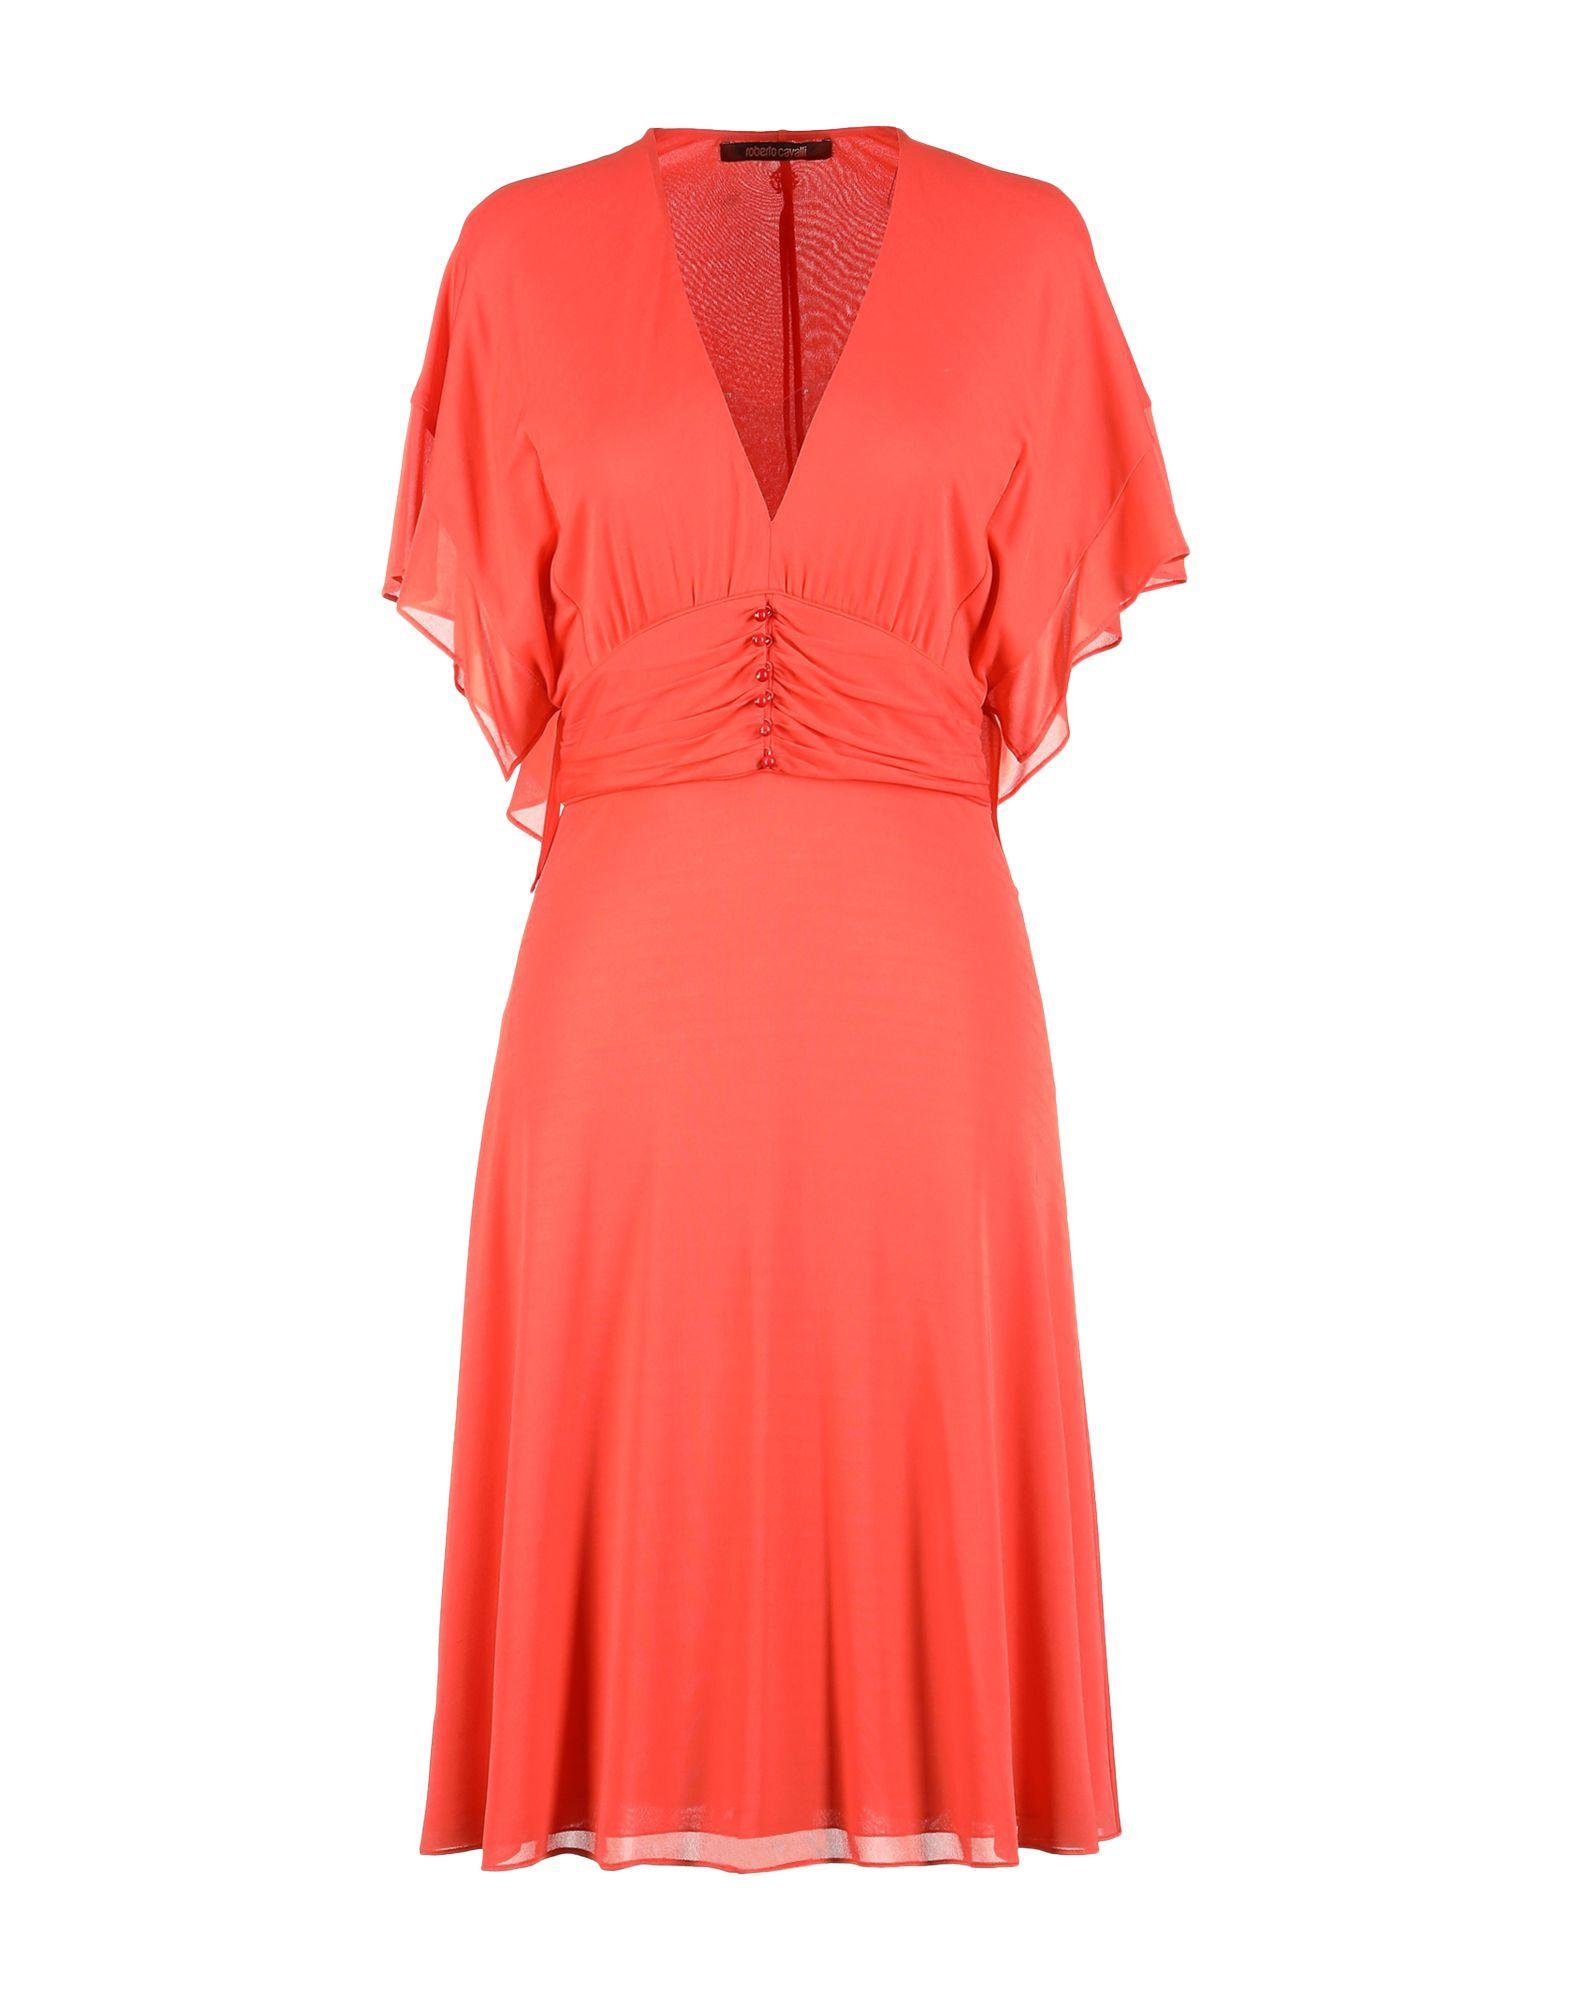 Roberto Cavalli Orange Dress